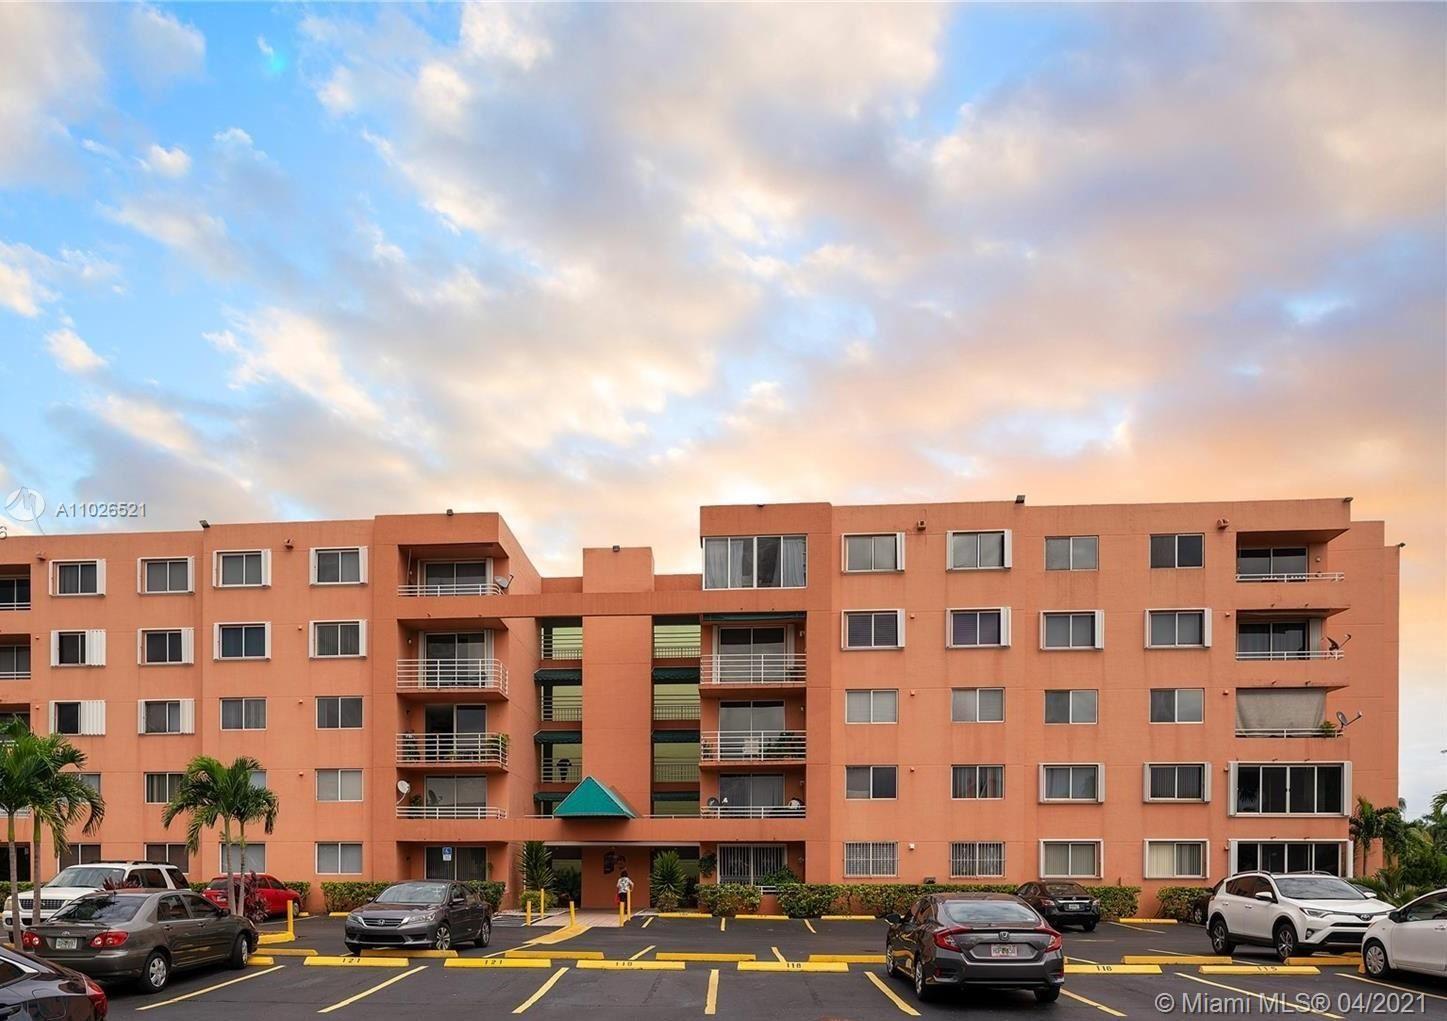 11755 SW 18th St #401, Miami, FL 33175 - #: A11026521